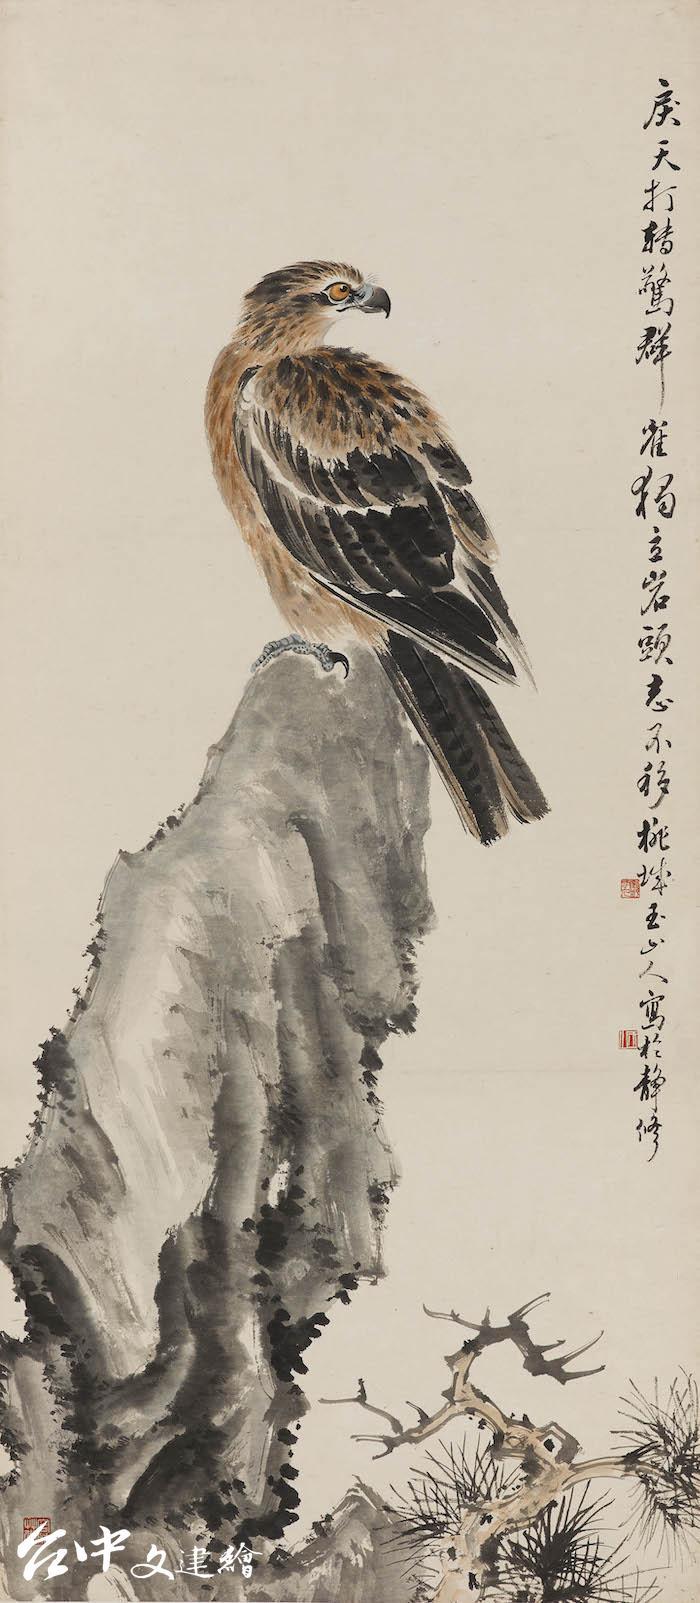 林玉山,〈英風颯爽〉,1951,水墨(圖:國立臺灣美術館)